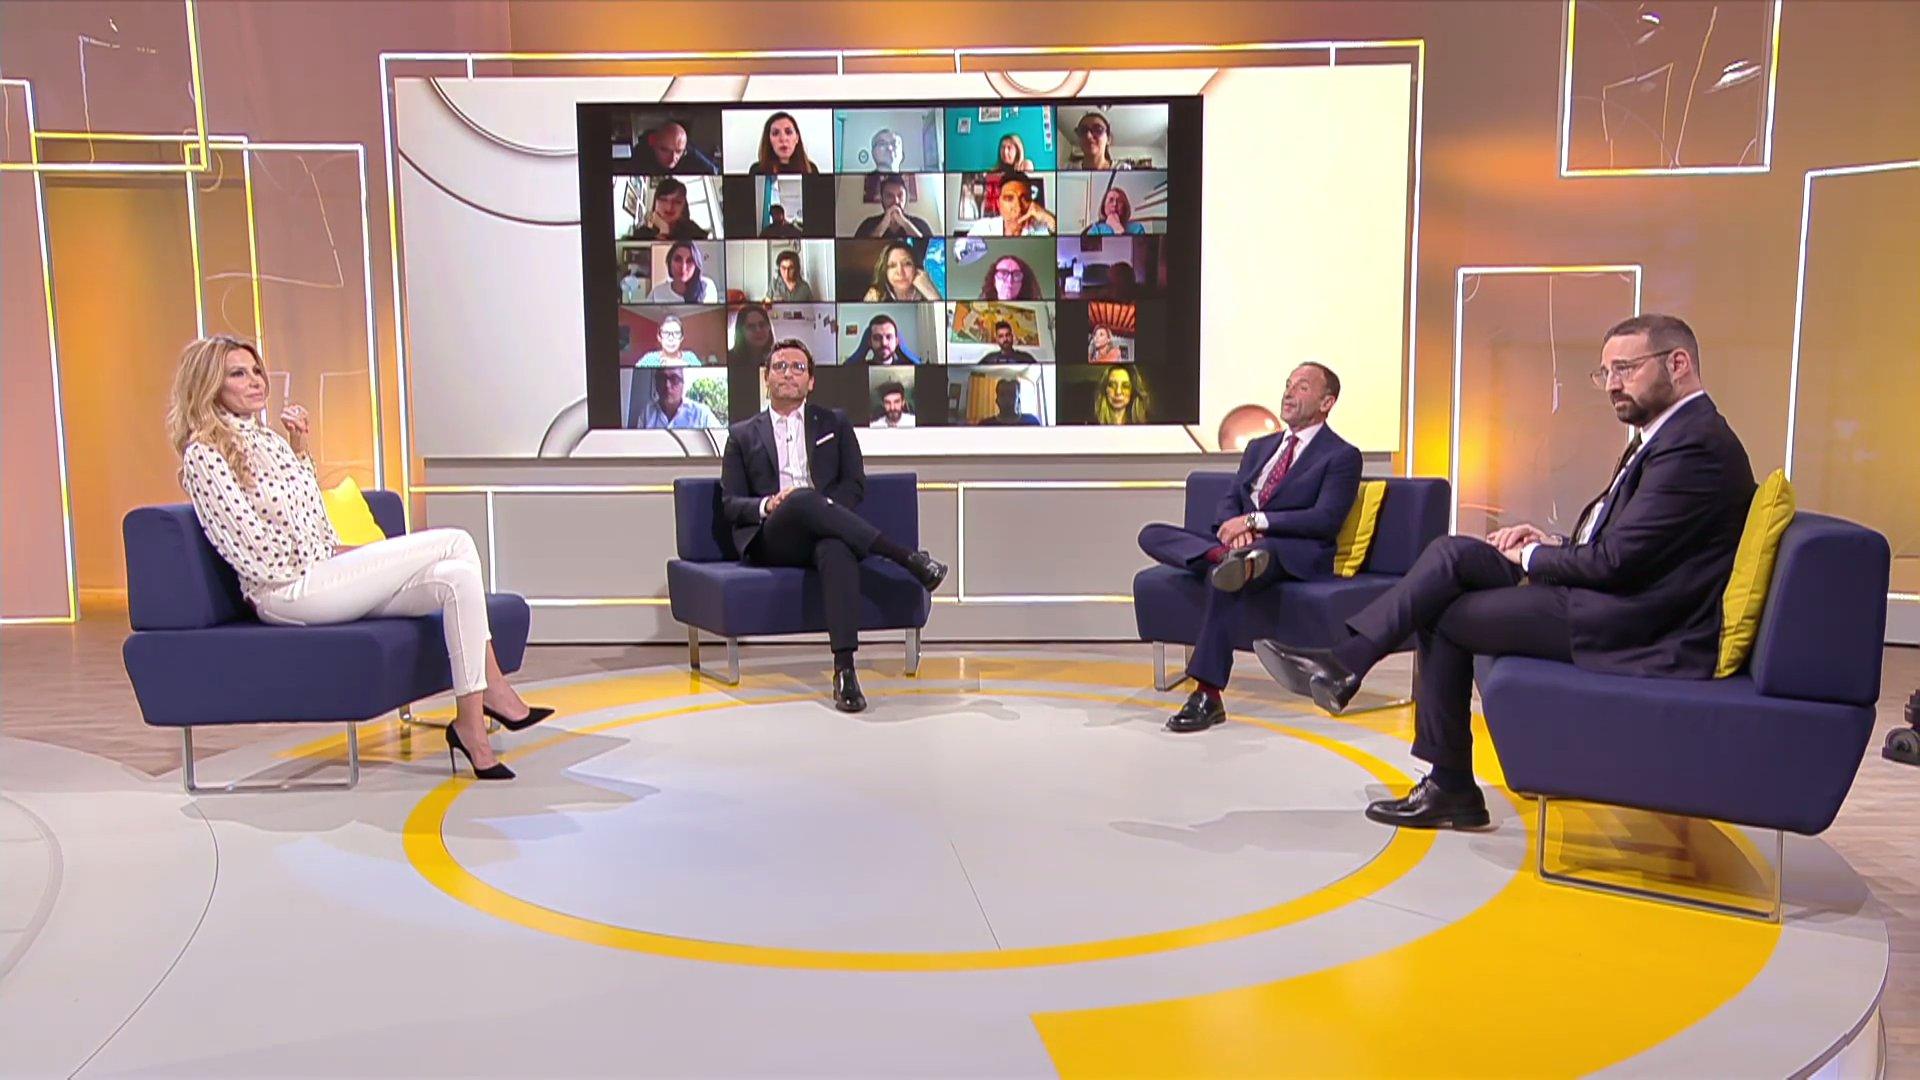 Ogni Mattina, il nuovo contenitore quotidiano TV8, con Alessio Viola e Adriana Volpe